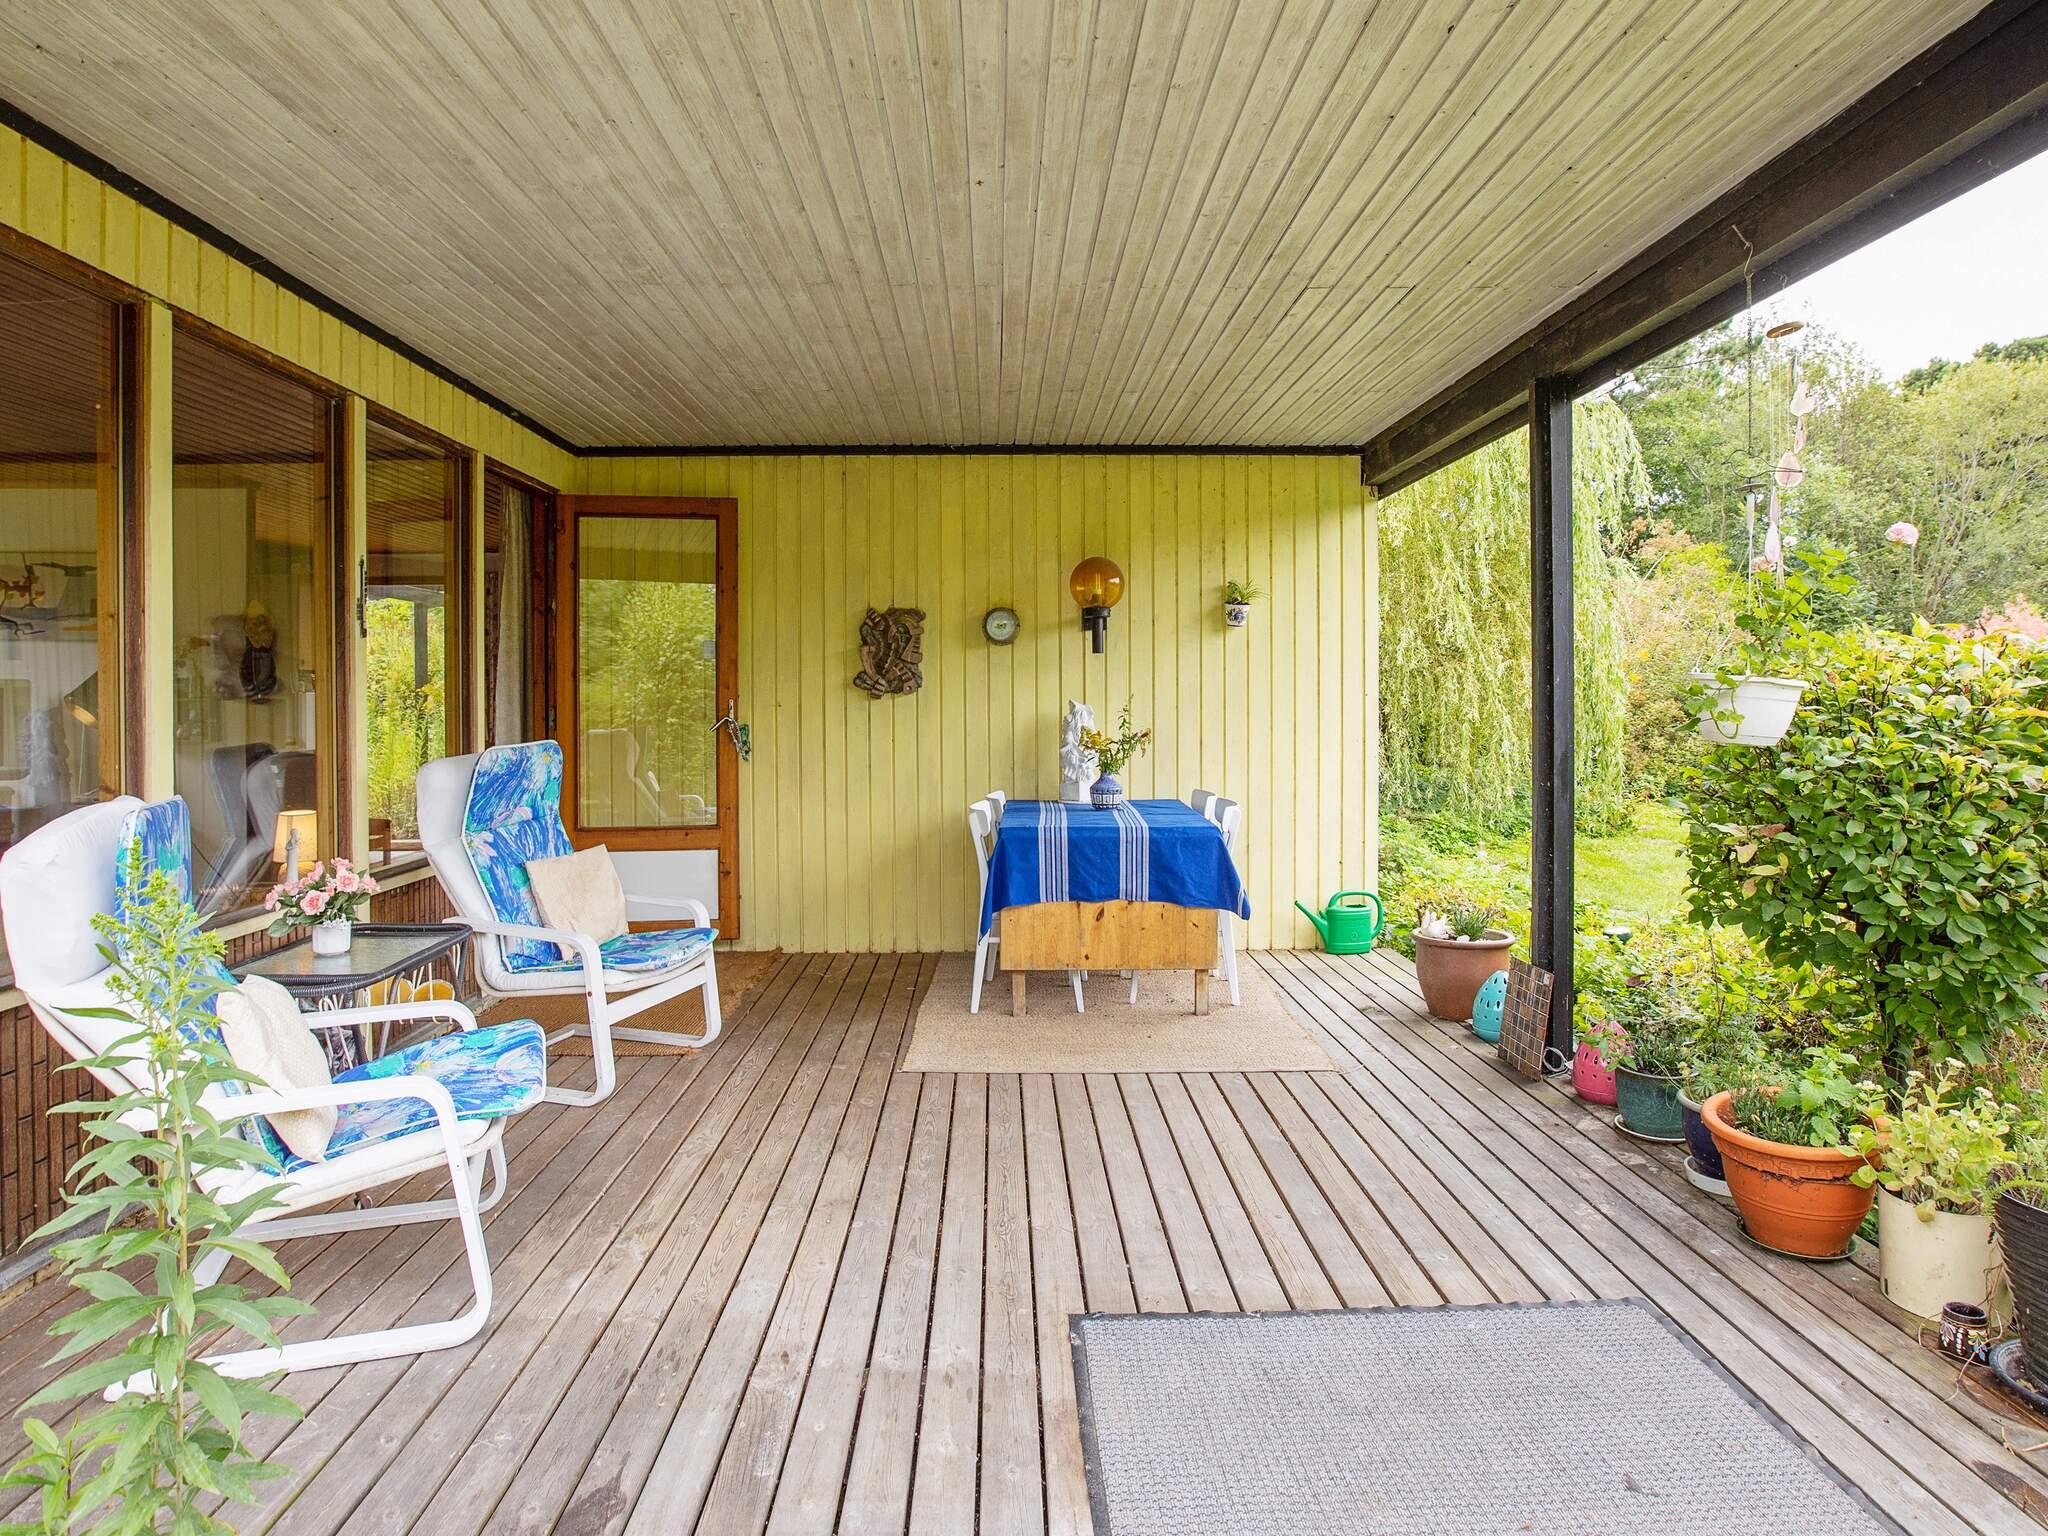 Ferienhaus Røsnæs/Vollerup (2656947), Kalundborg, , Westseeland, Dänemark, Bild 17